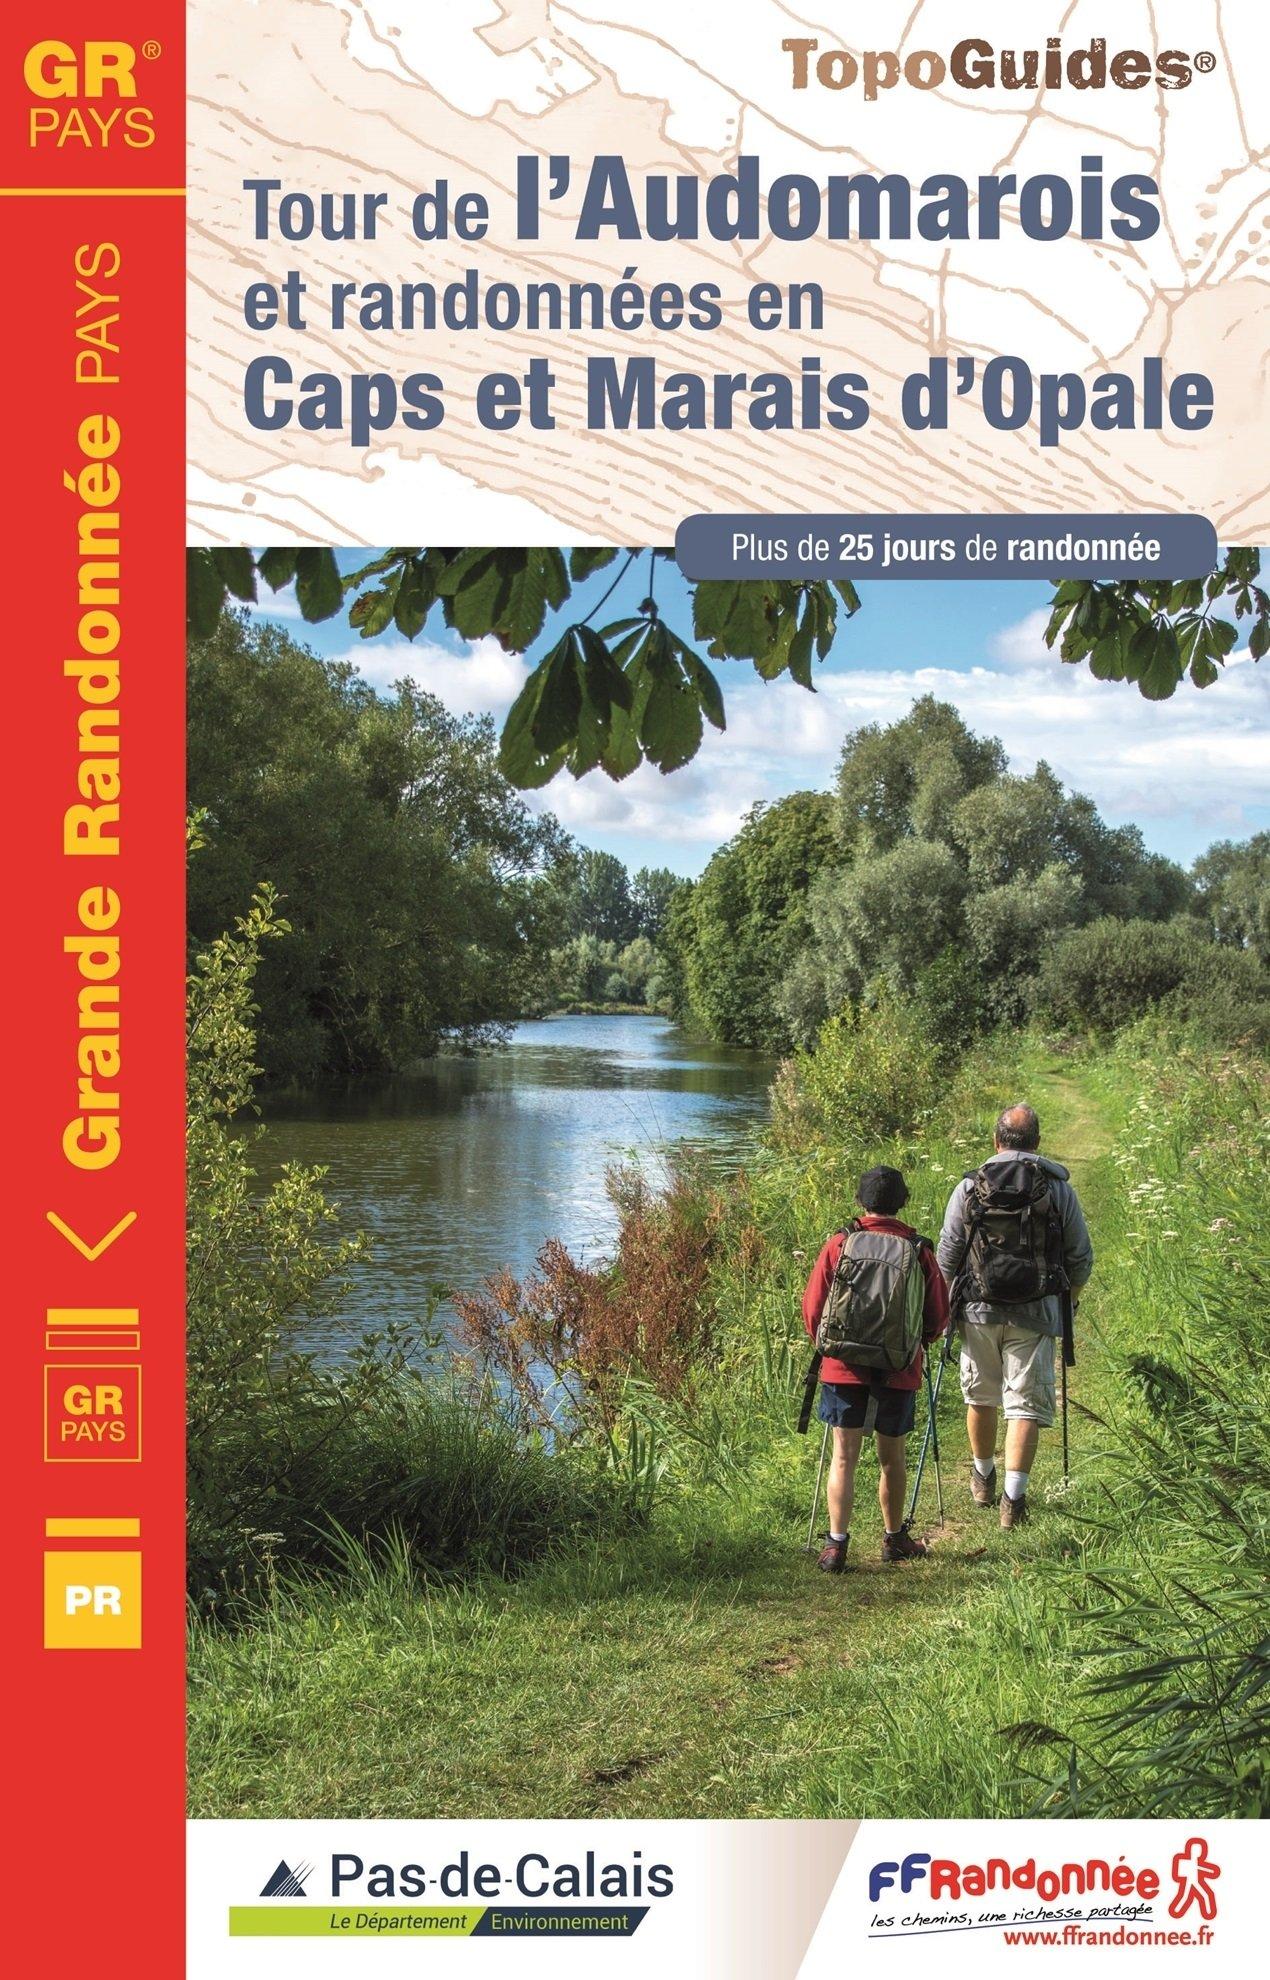 TG6200 Tour de l'Audomarois et randonnées en Caps et Marais d'Opale 9782751409424  FFRP Topoguides  Meerdaagse wandelroutes, Wandelgidsen Picardie, Nord, Aisne, Pas-de-Calais